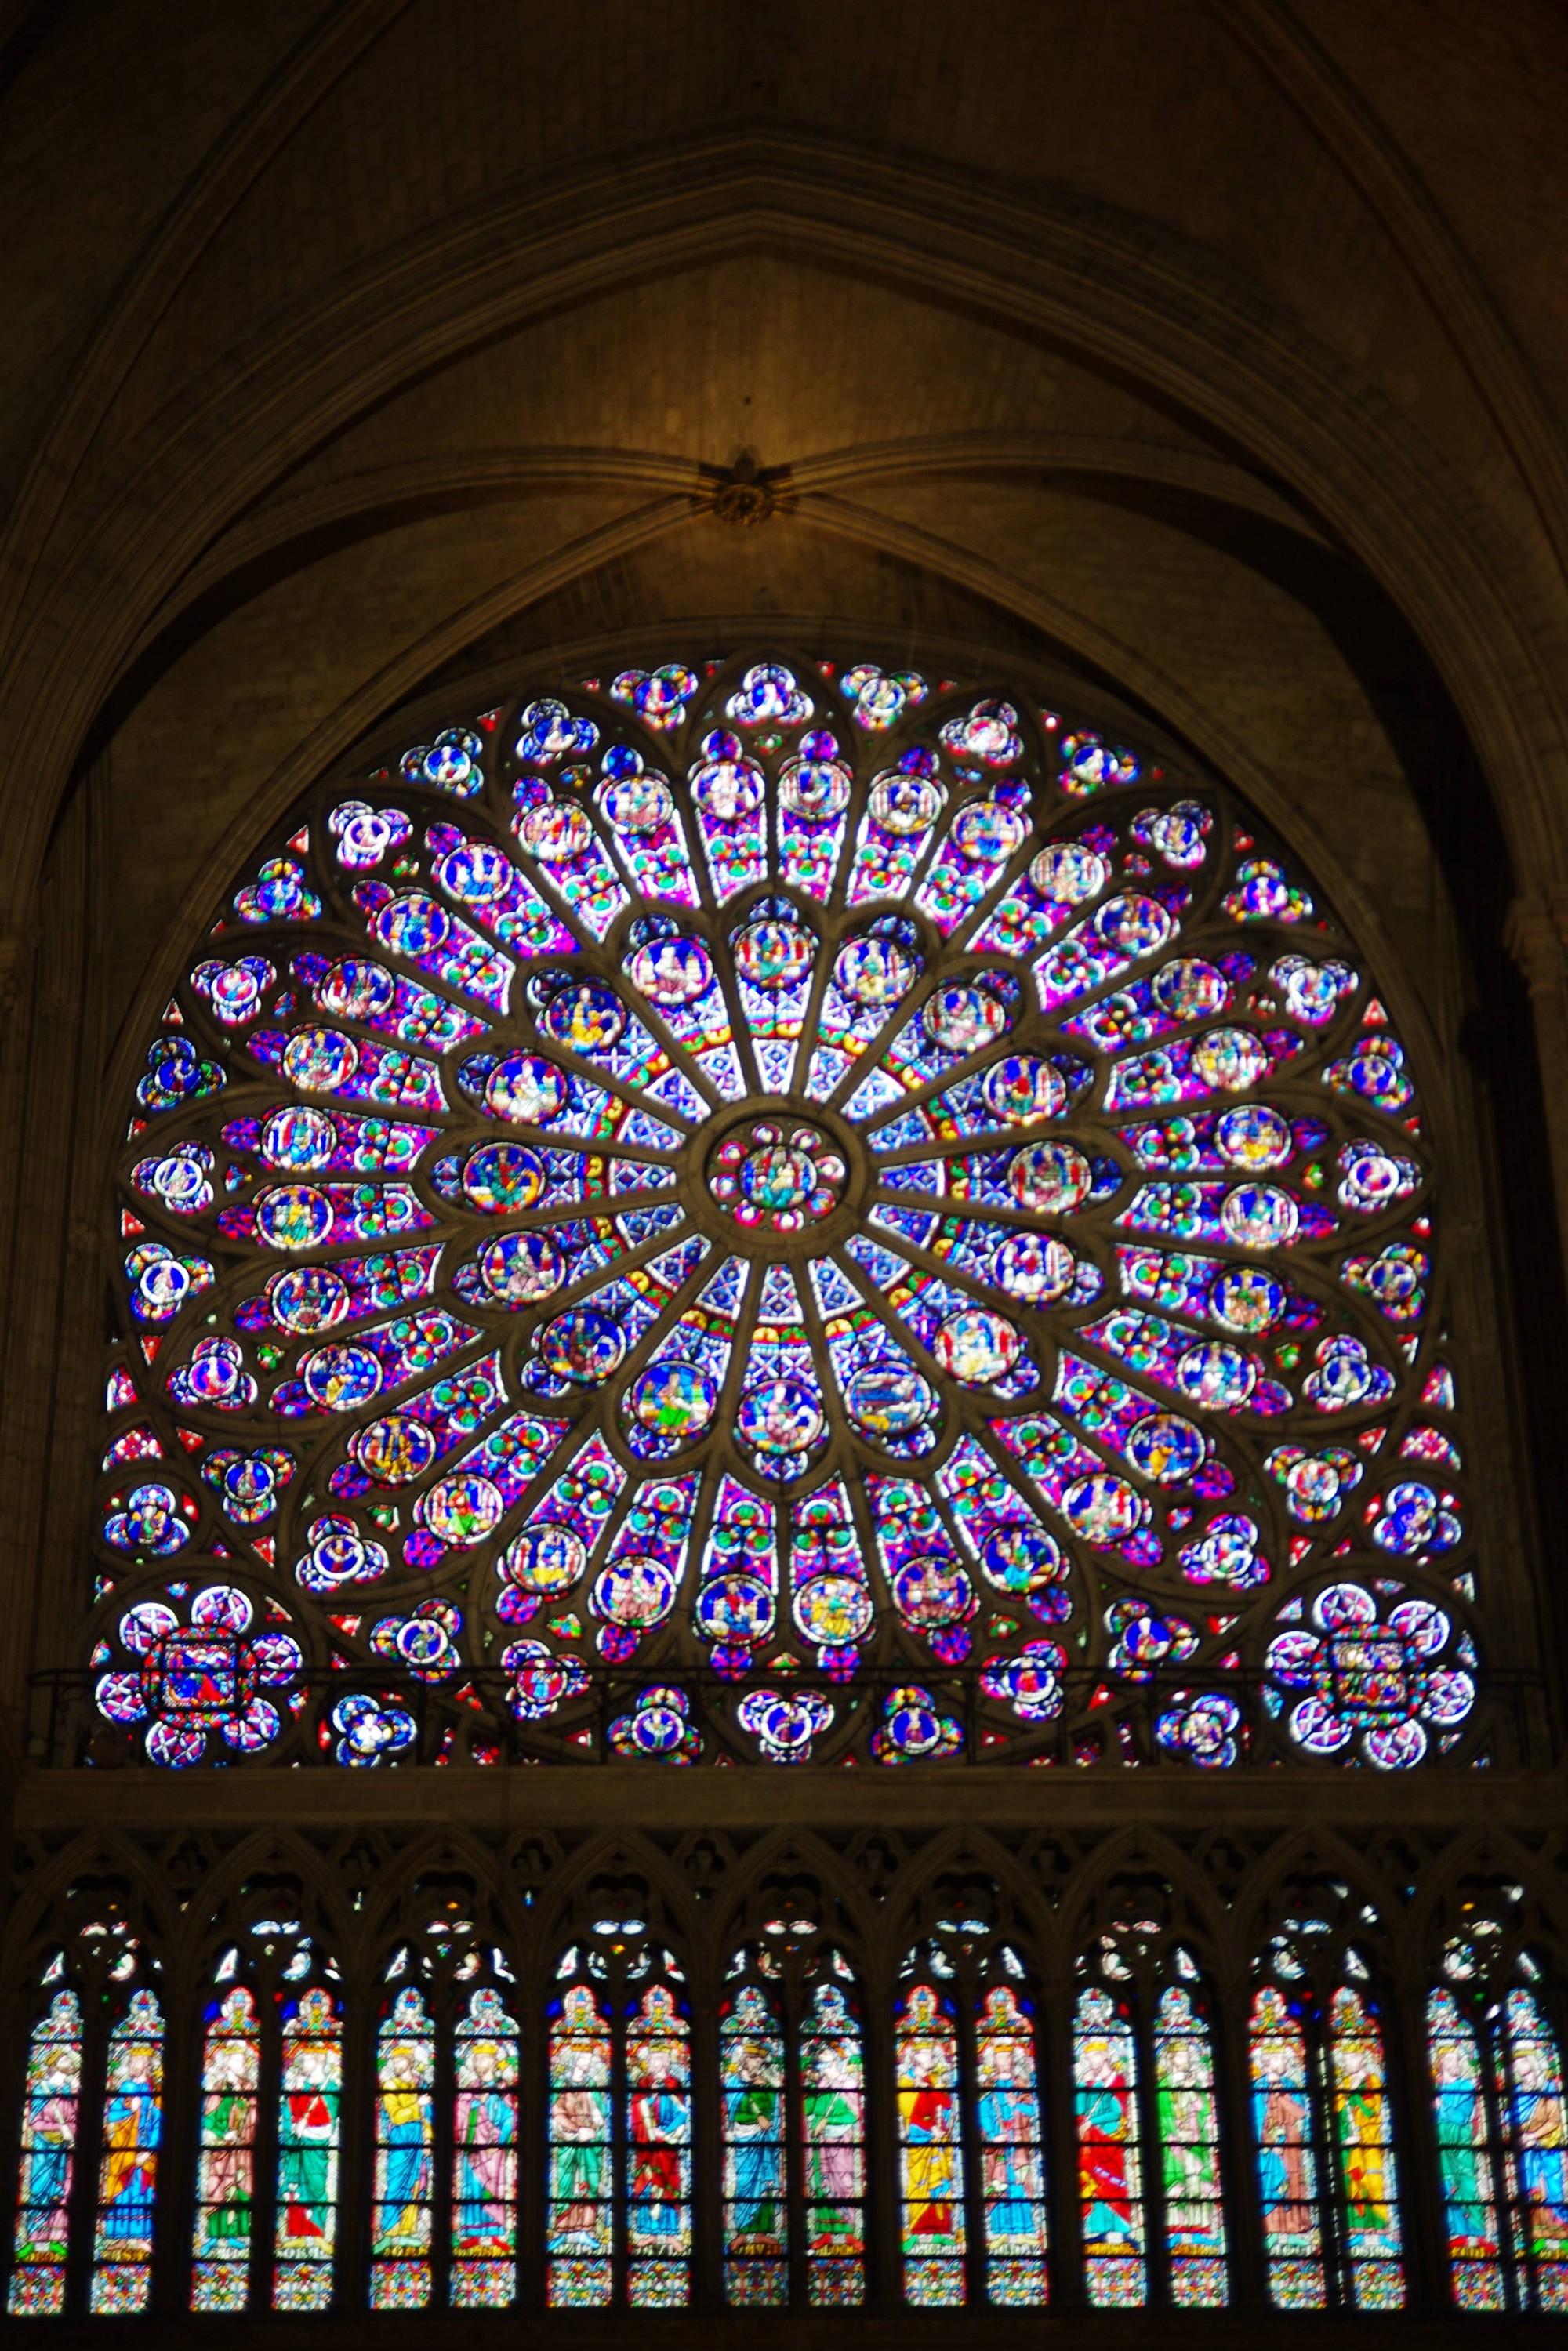 Ngoài việc 850 năm tuổi, Nhà thờ Đức Bà Paris còn chứa nhiều sự thật khiến toàn thế giới phải xót xa - Ảnh 5.